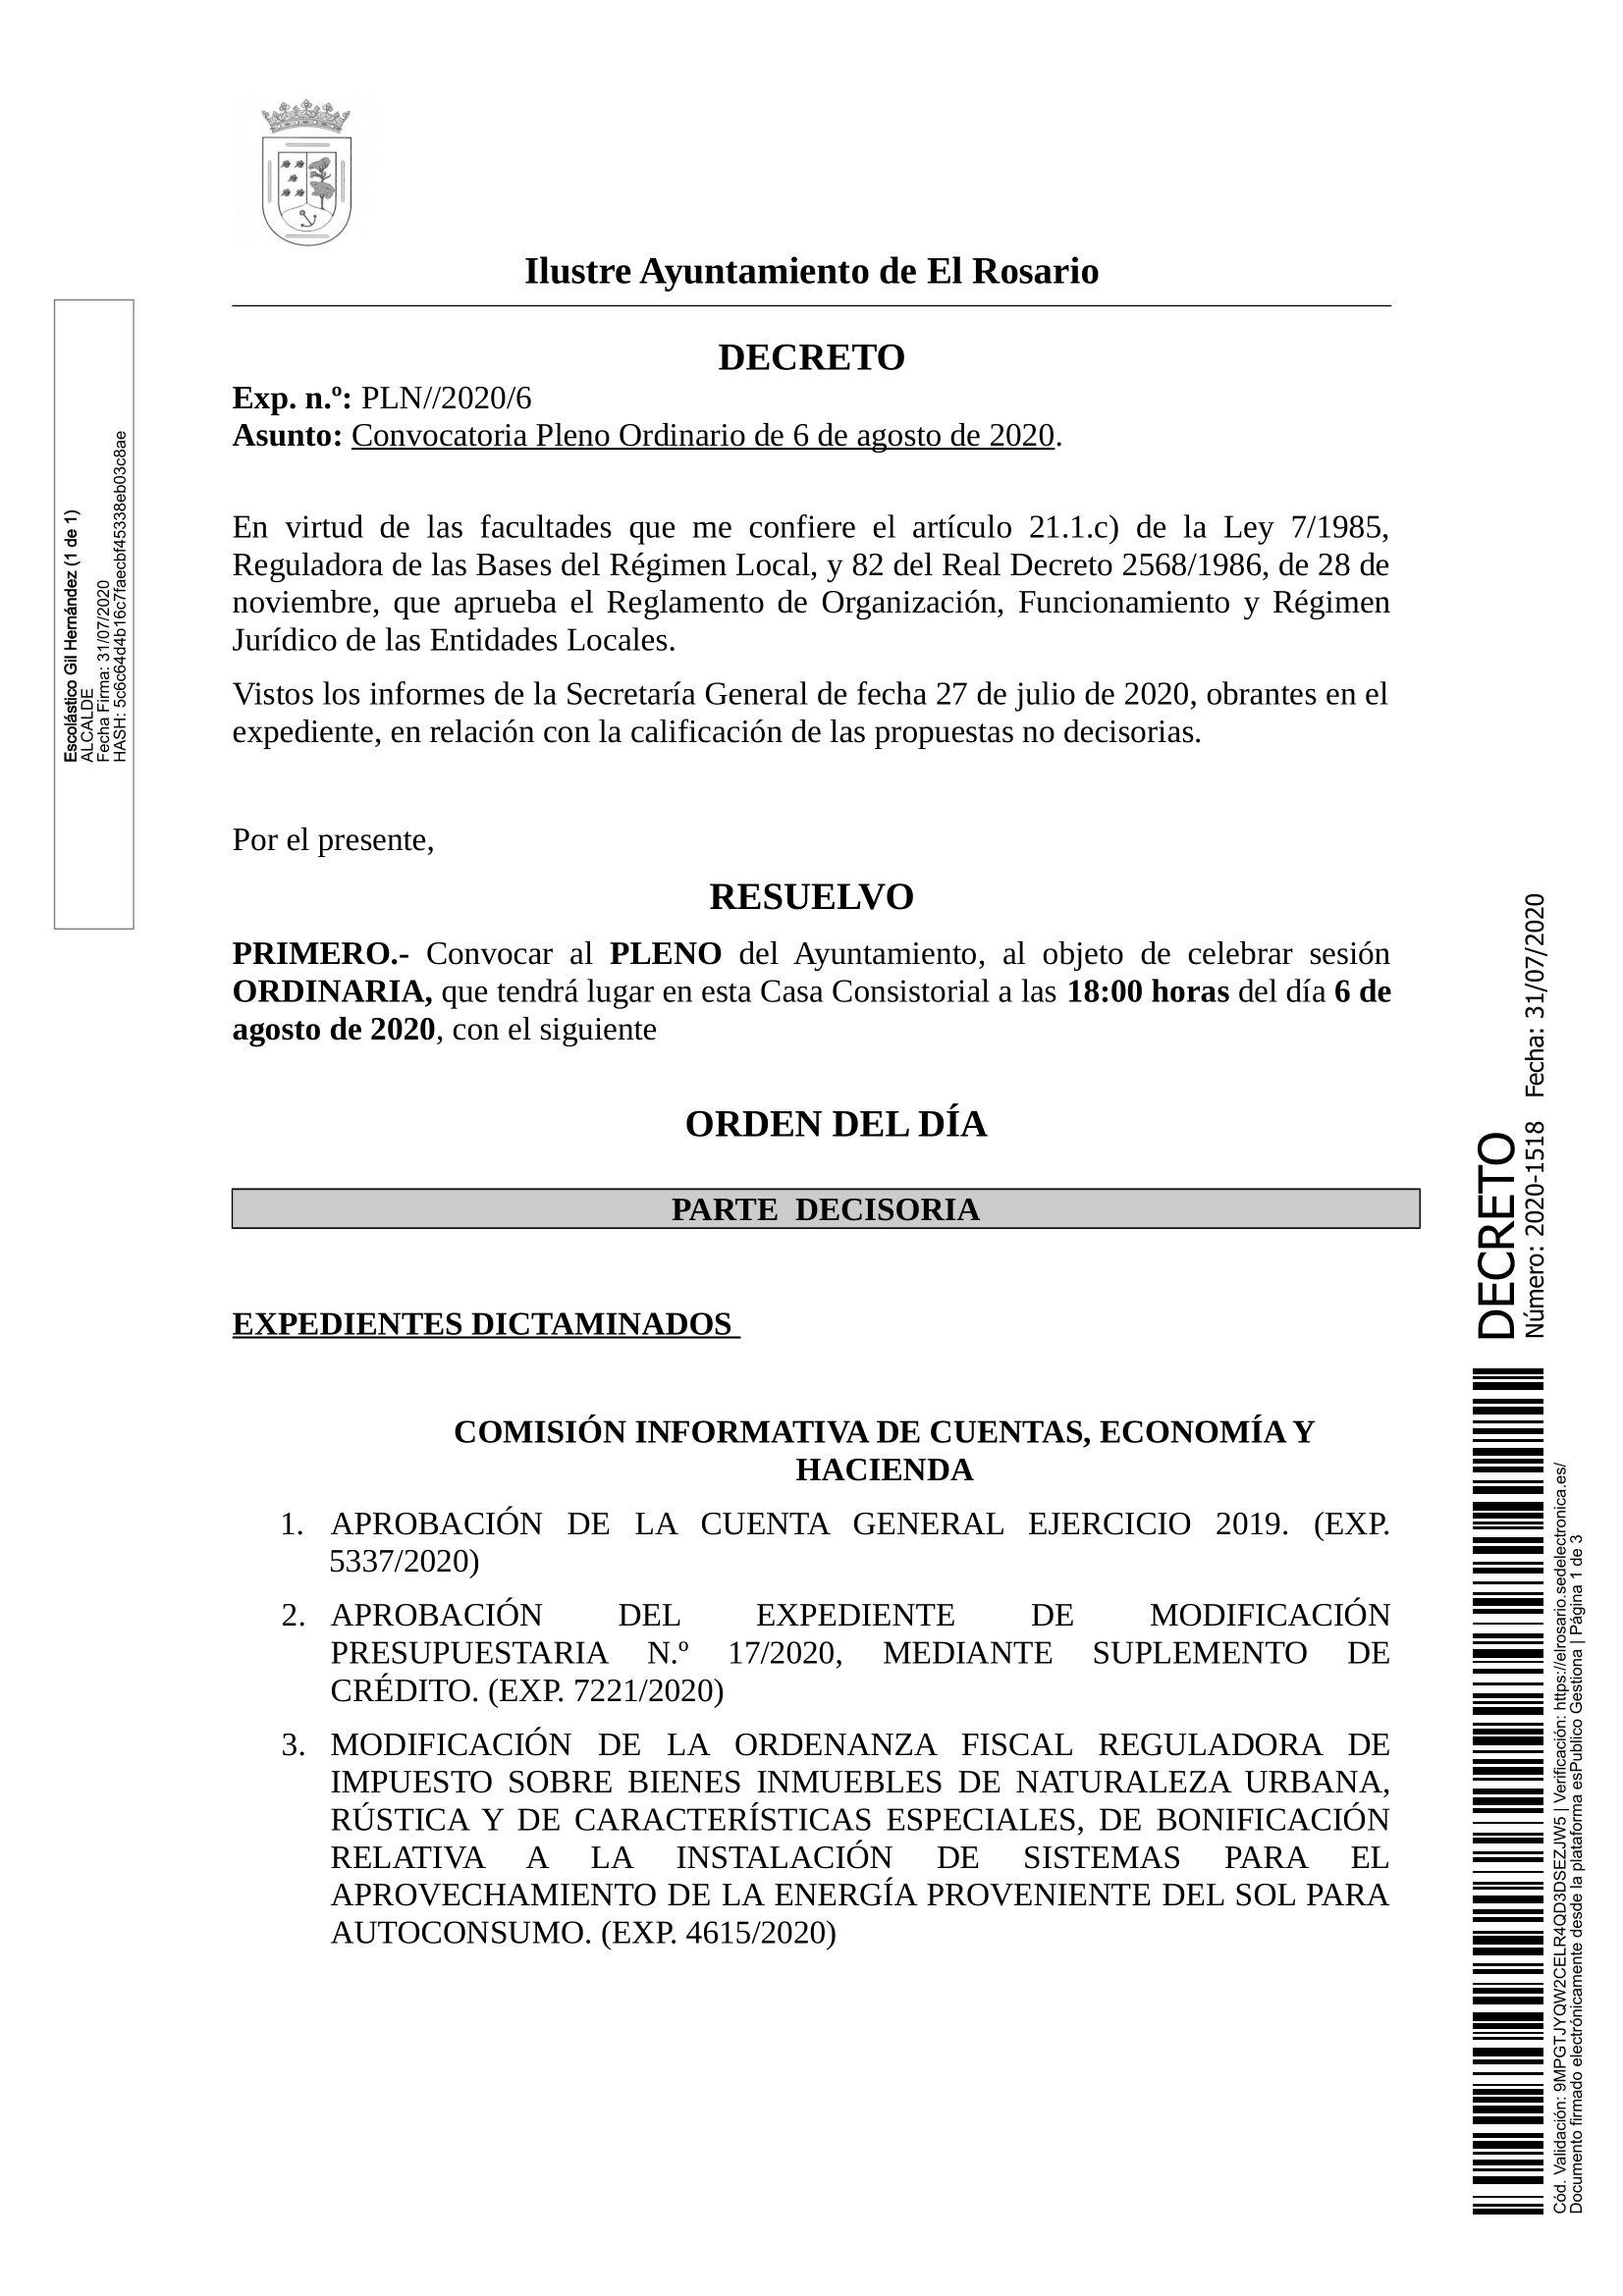 20200731_DECRETO 2020-1518 [Decreto Convocatoria Pleno Ordinario de 6 de agosto de 2020]_0001